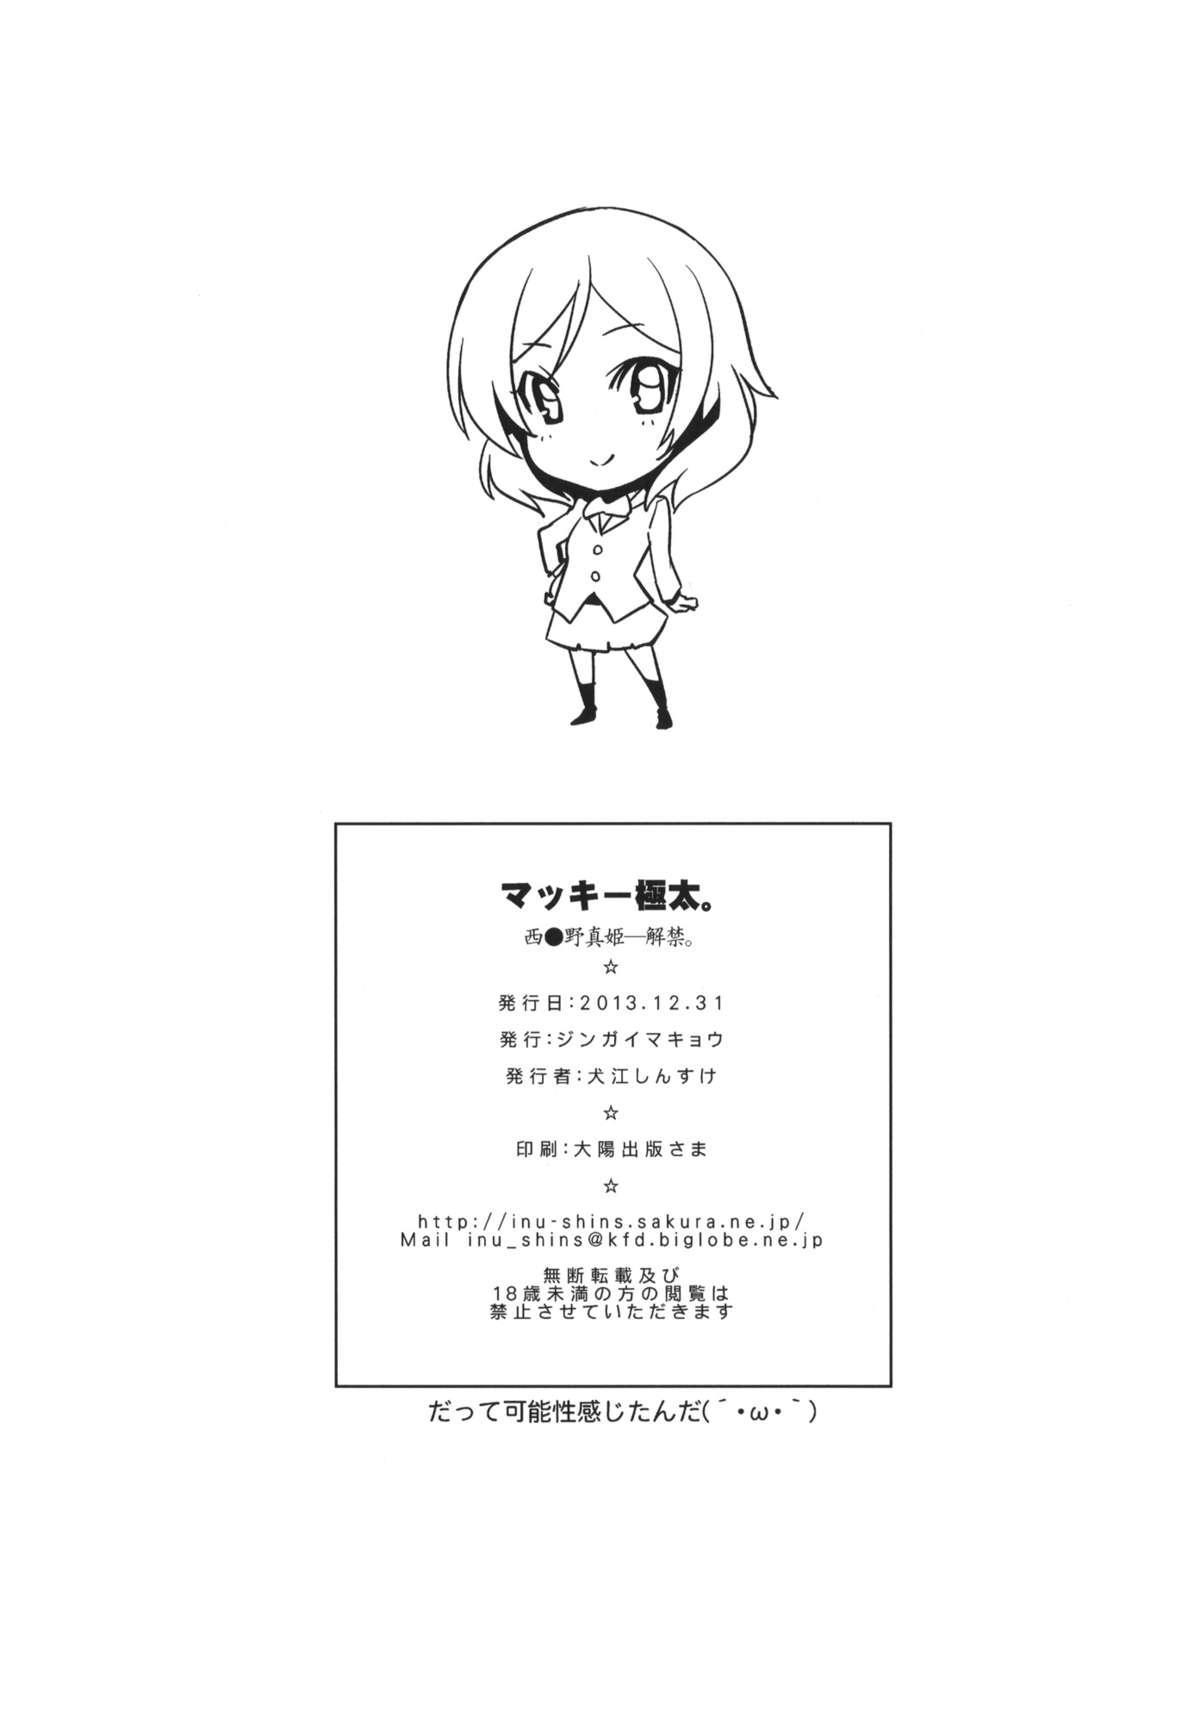 Mackey Gokubuto. + Paper 16